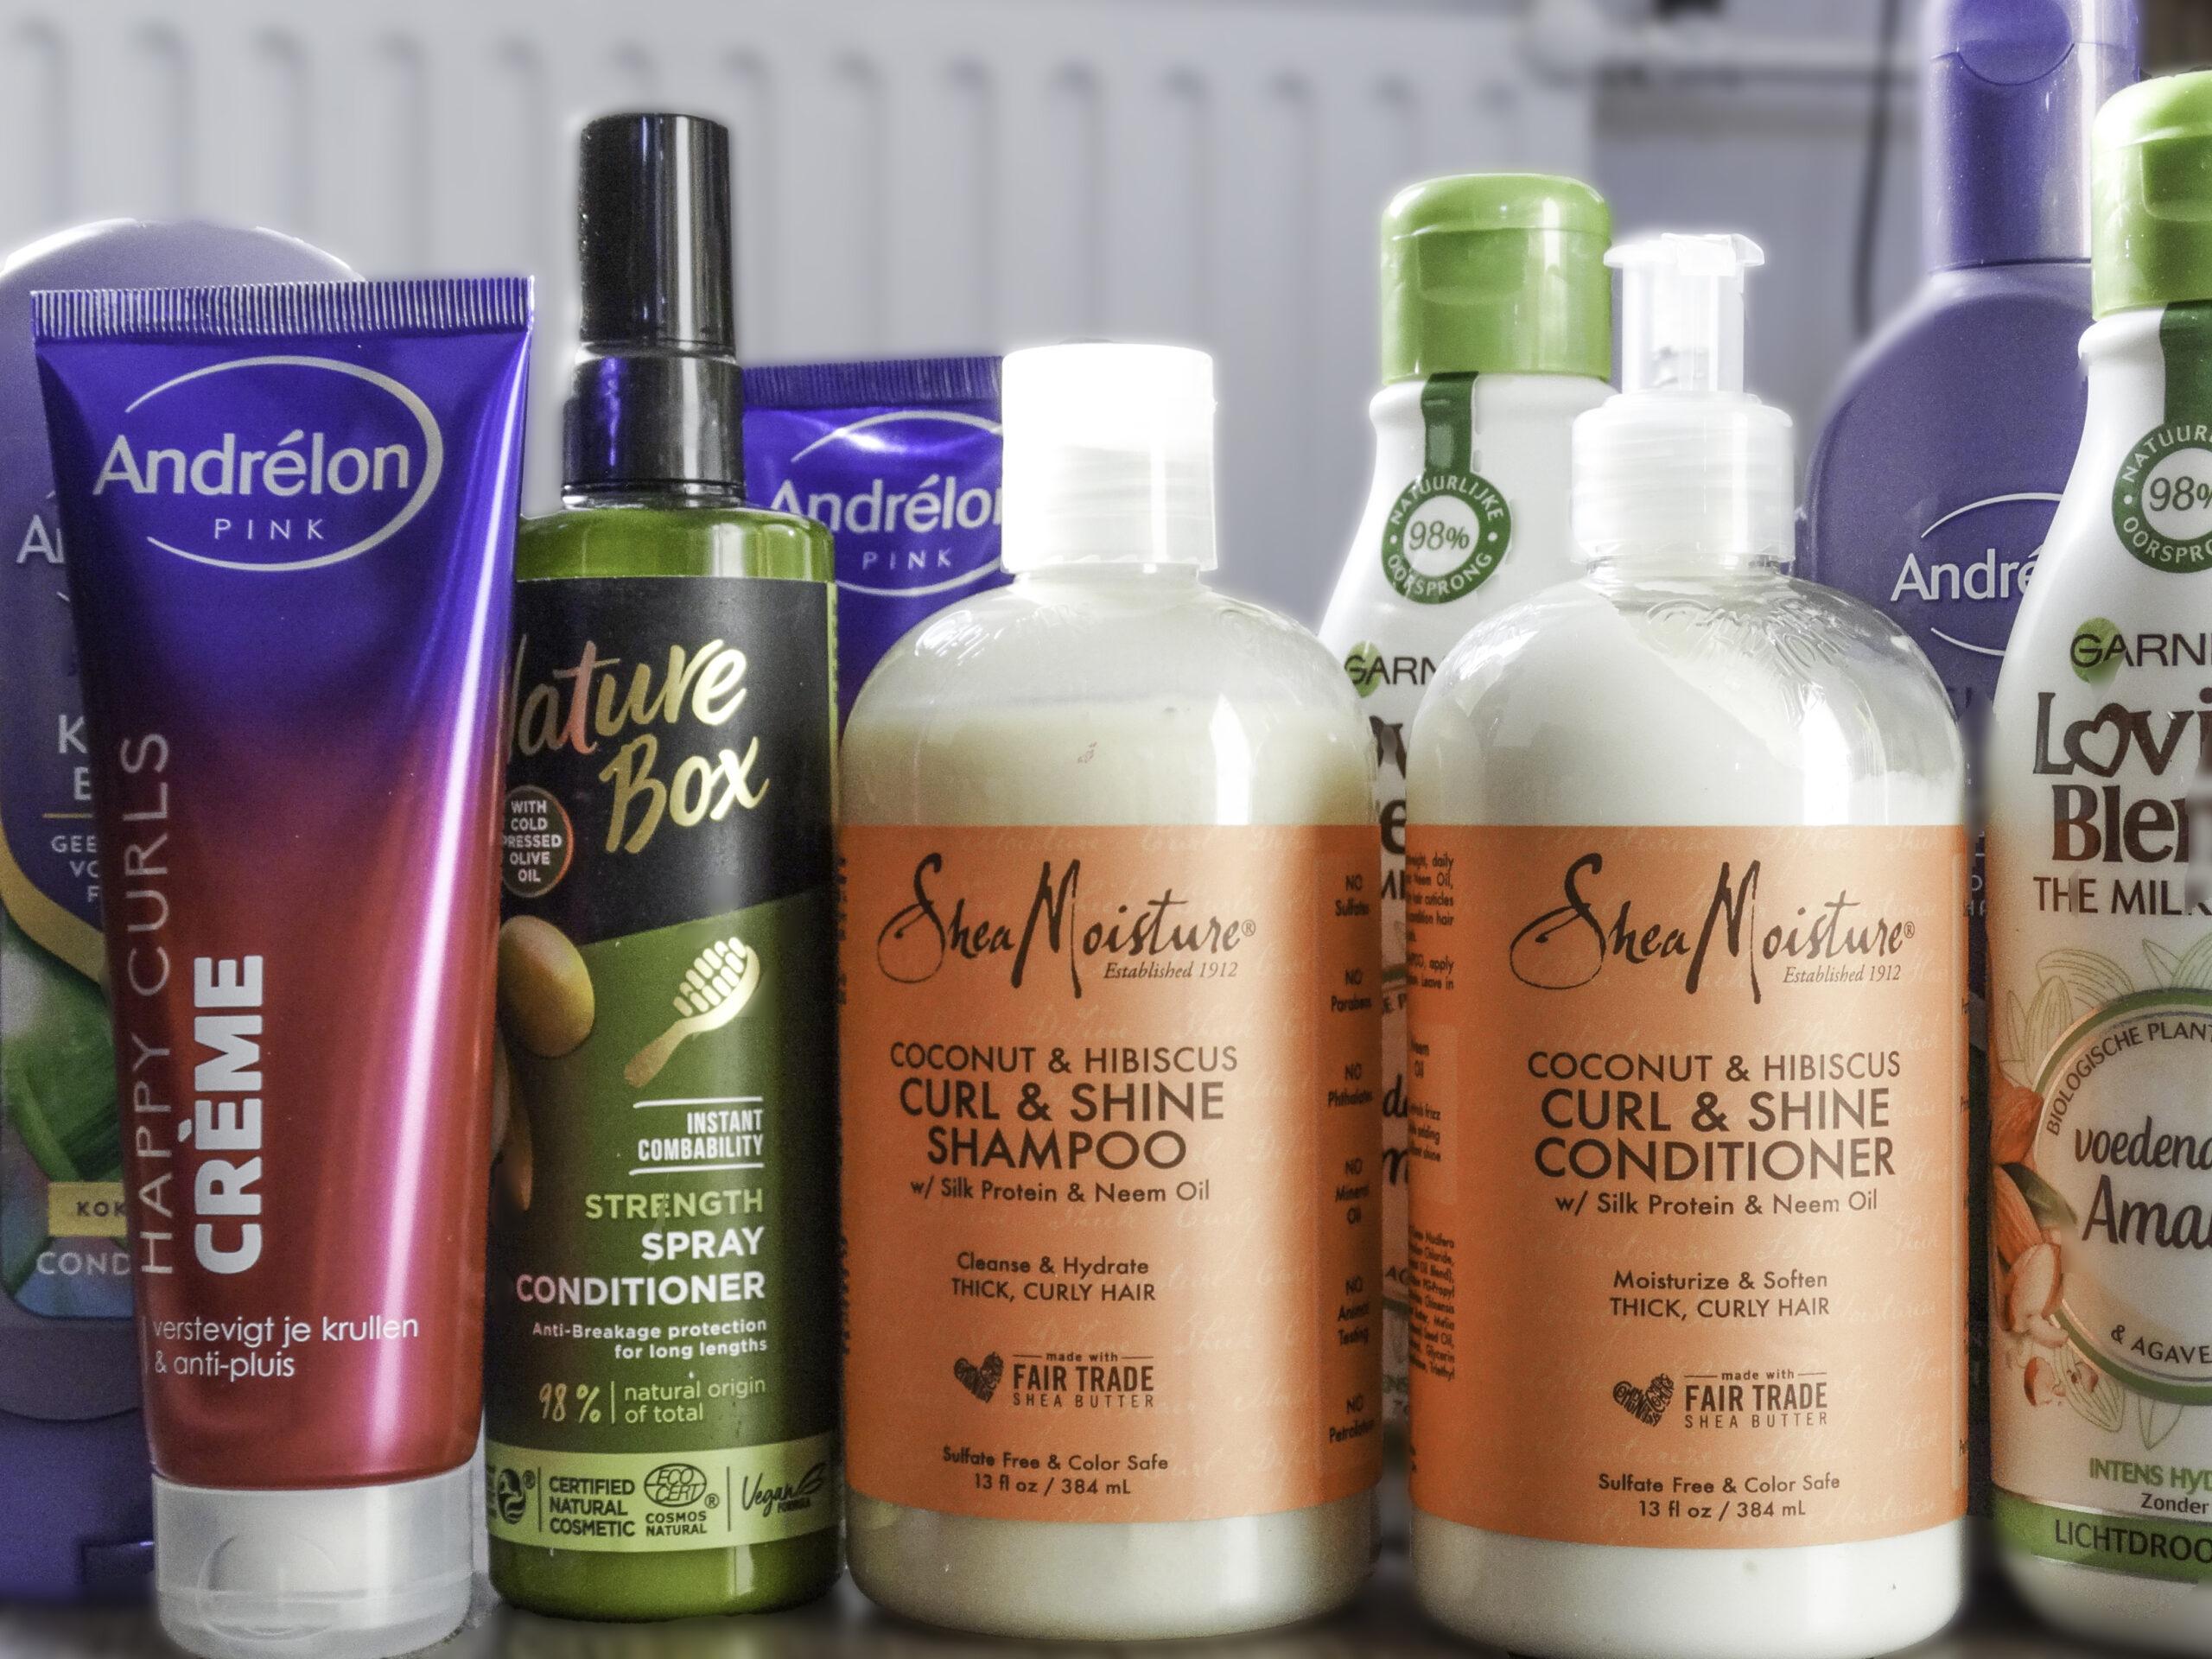 producten voor curly girl methode